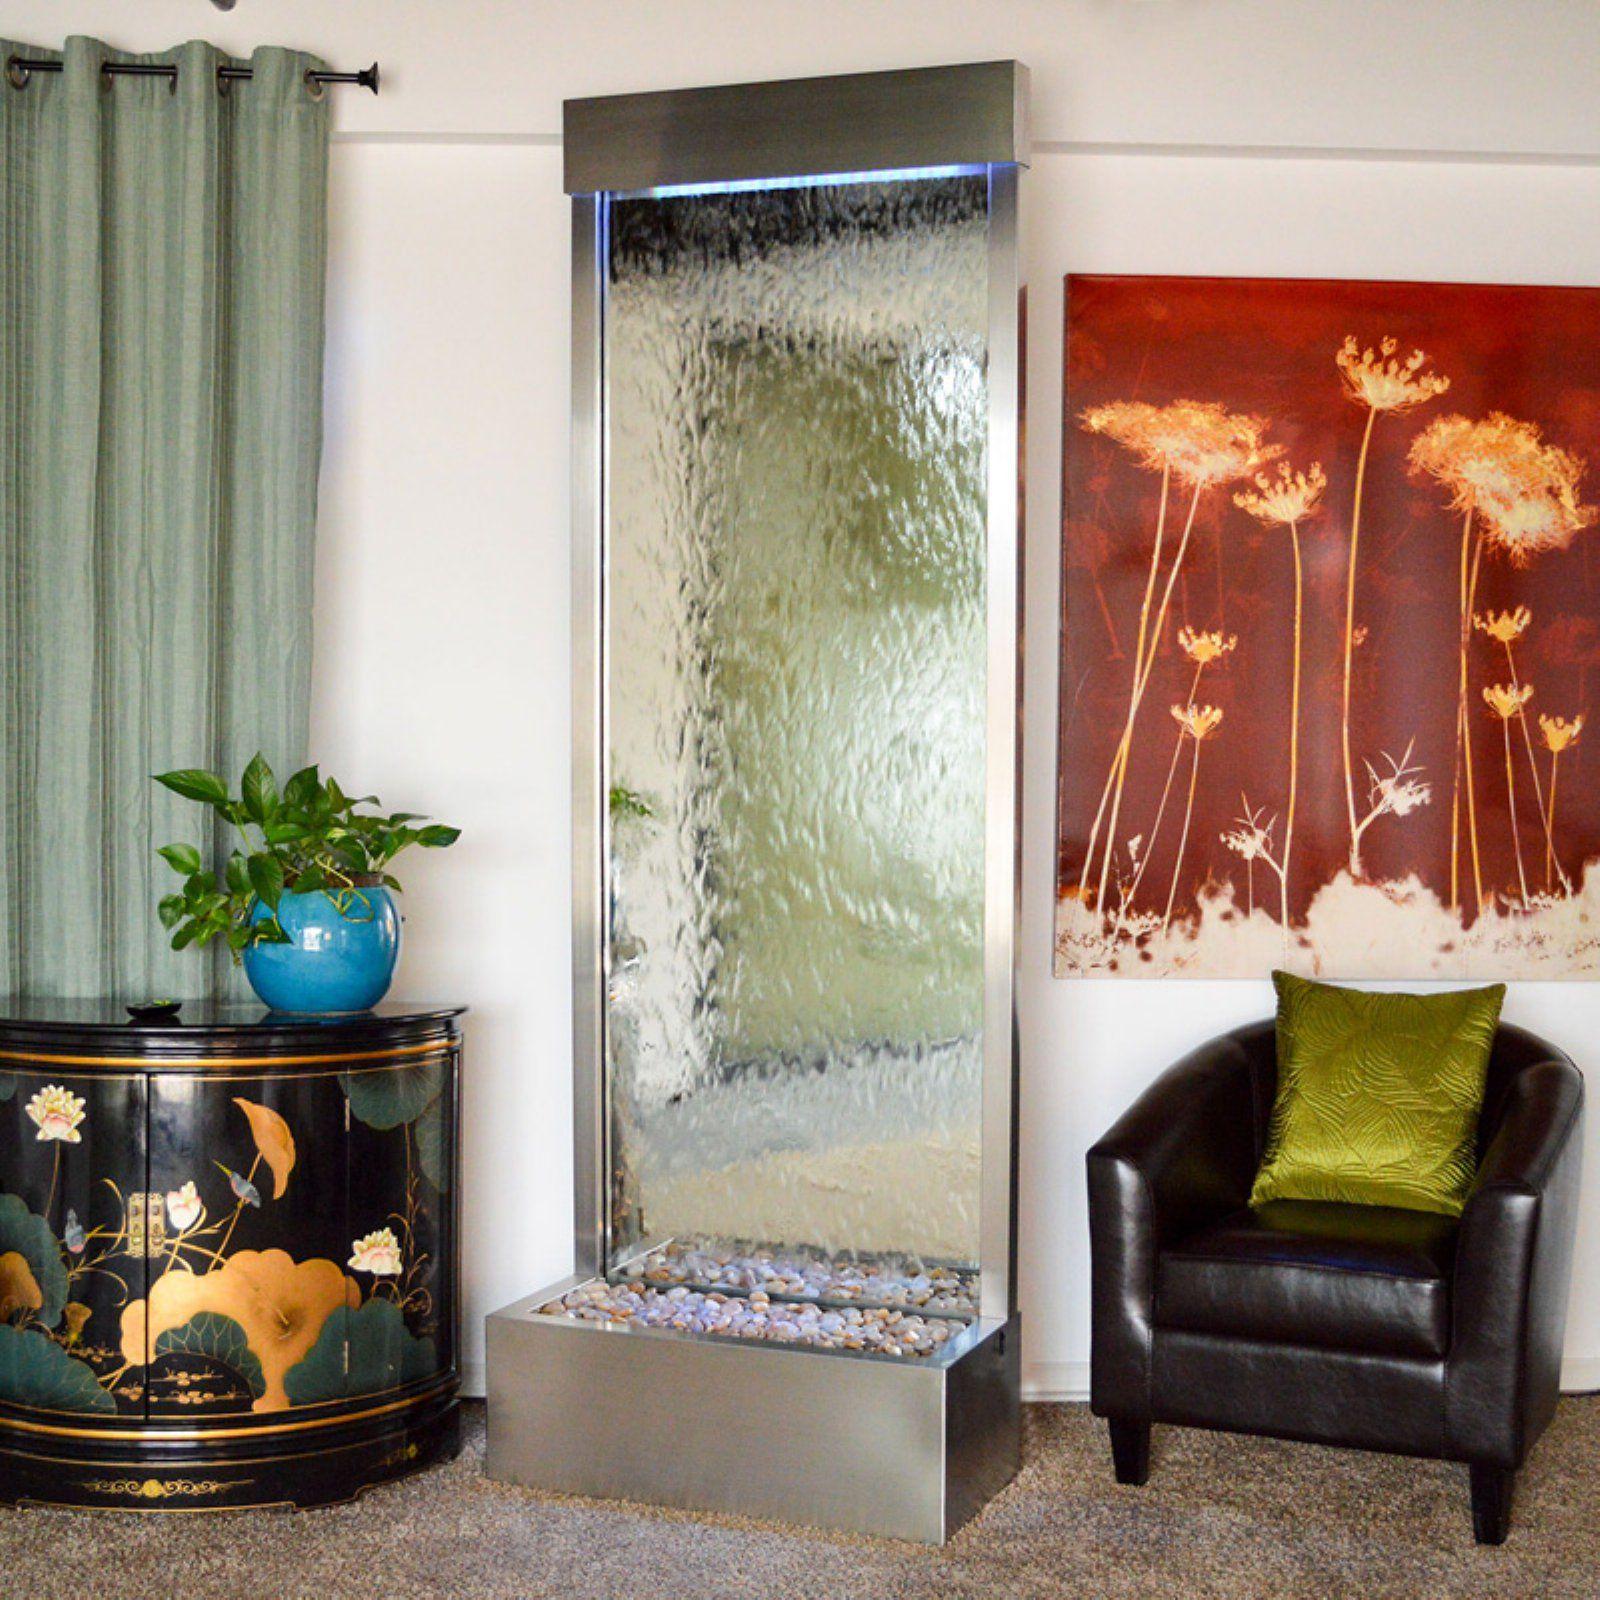 Bluworld gardenfall 90 in indooroutdoor floor fountain